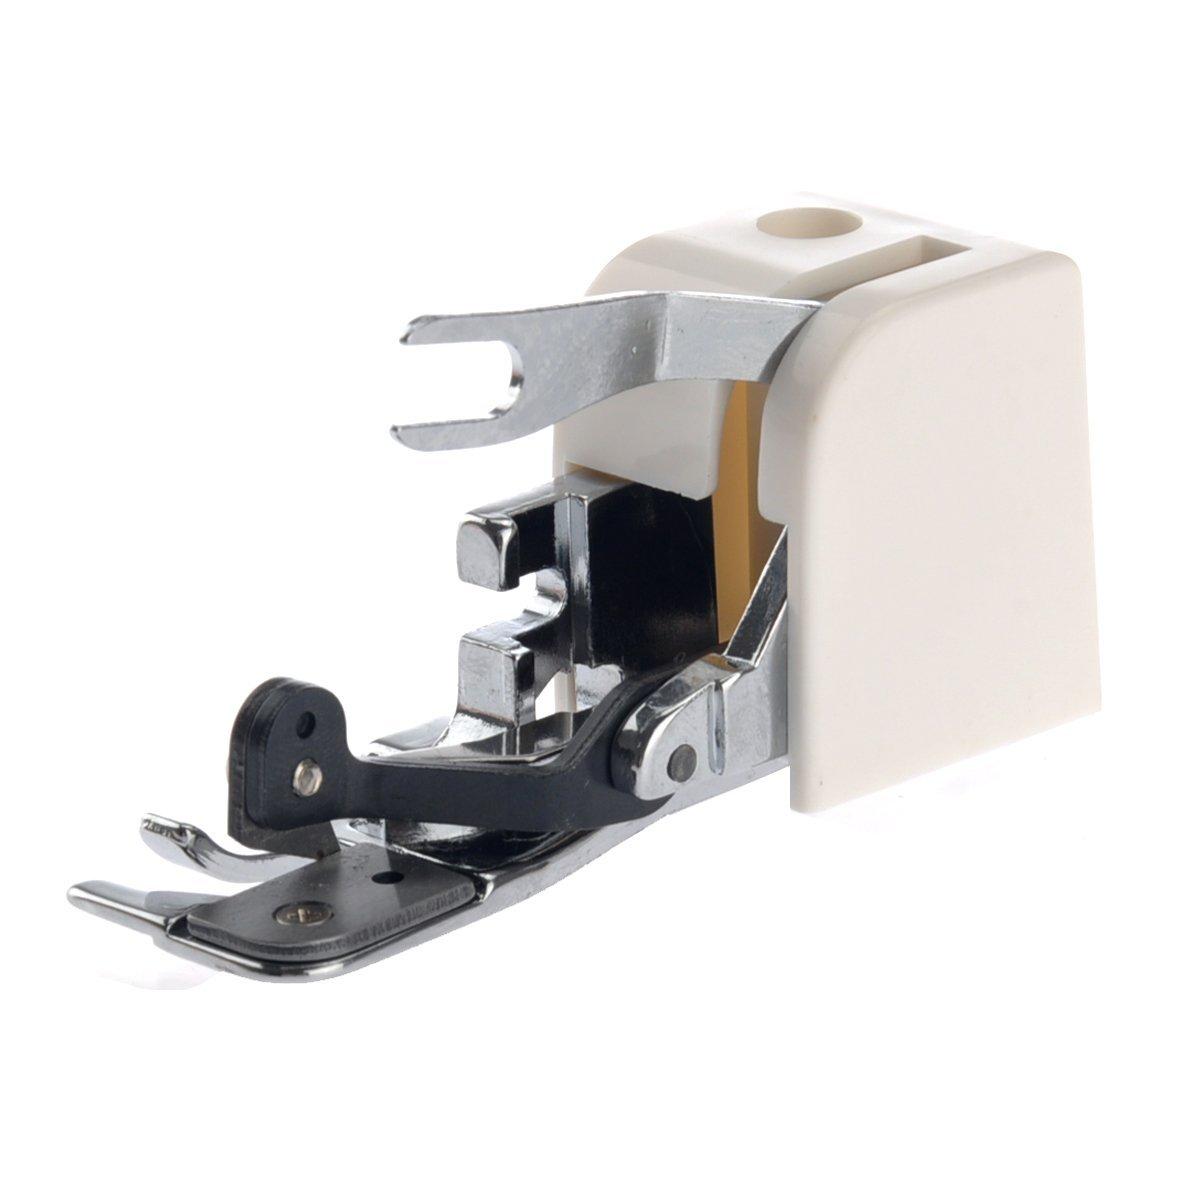 NUOLUX cortador prensatelas para máquina de coser Presser pies Kit de costura para todos multifunción: Amazon.es: Informática